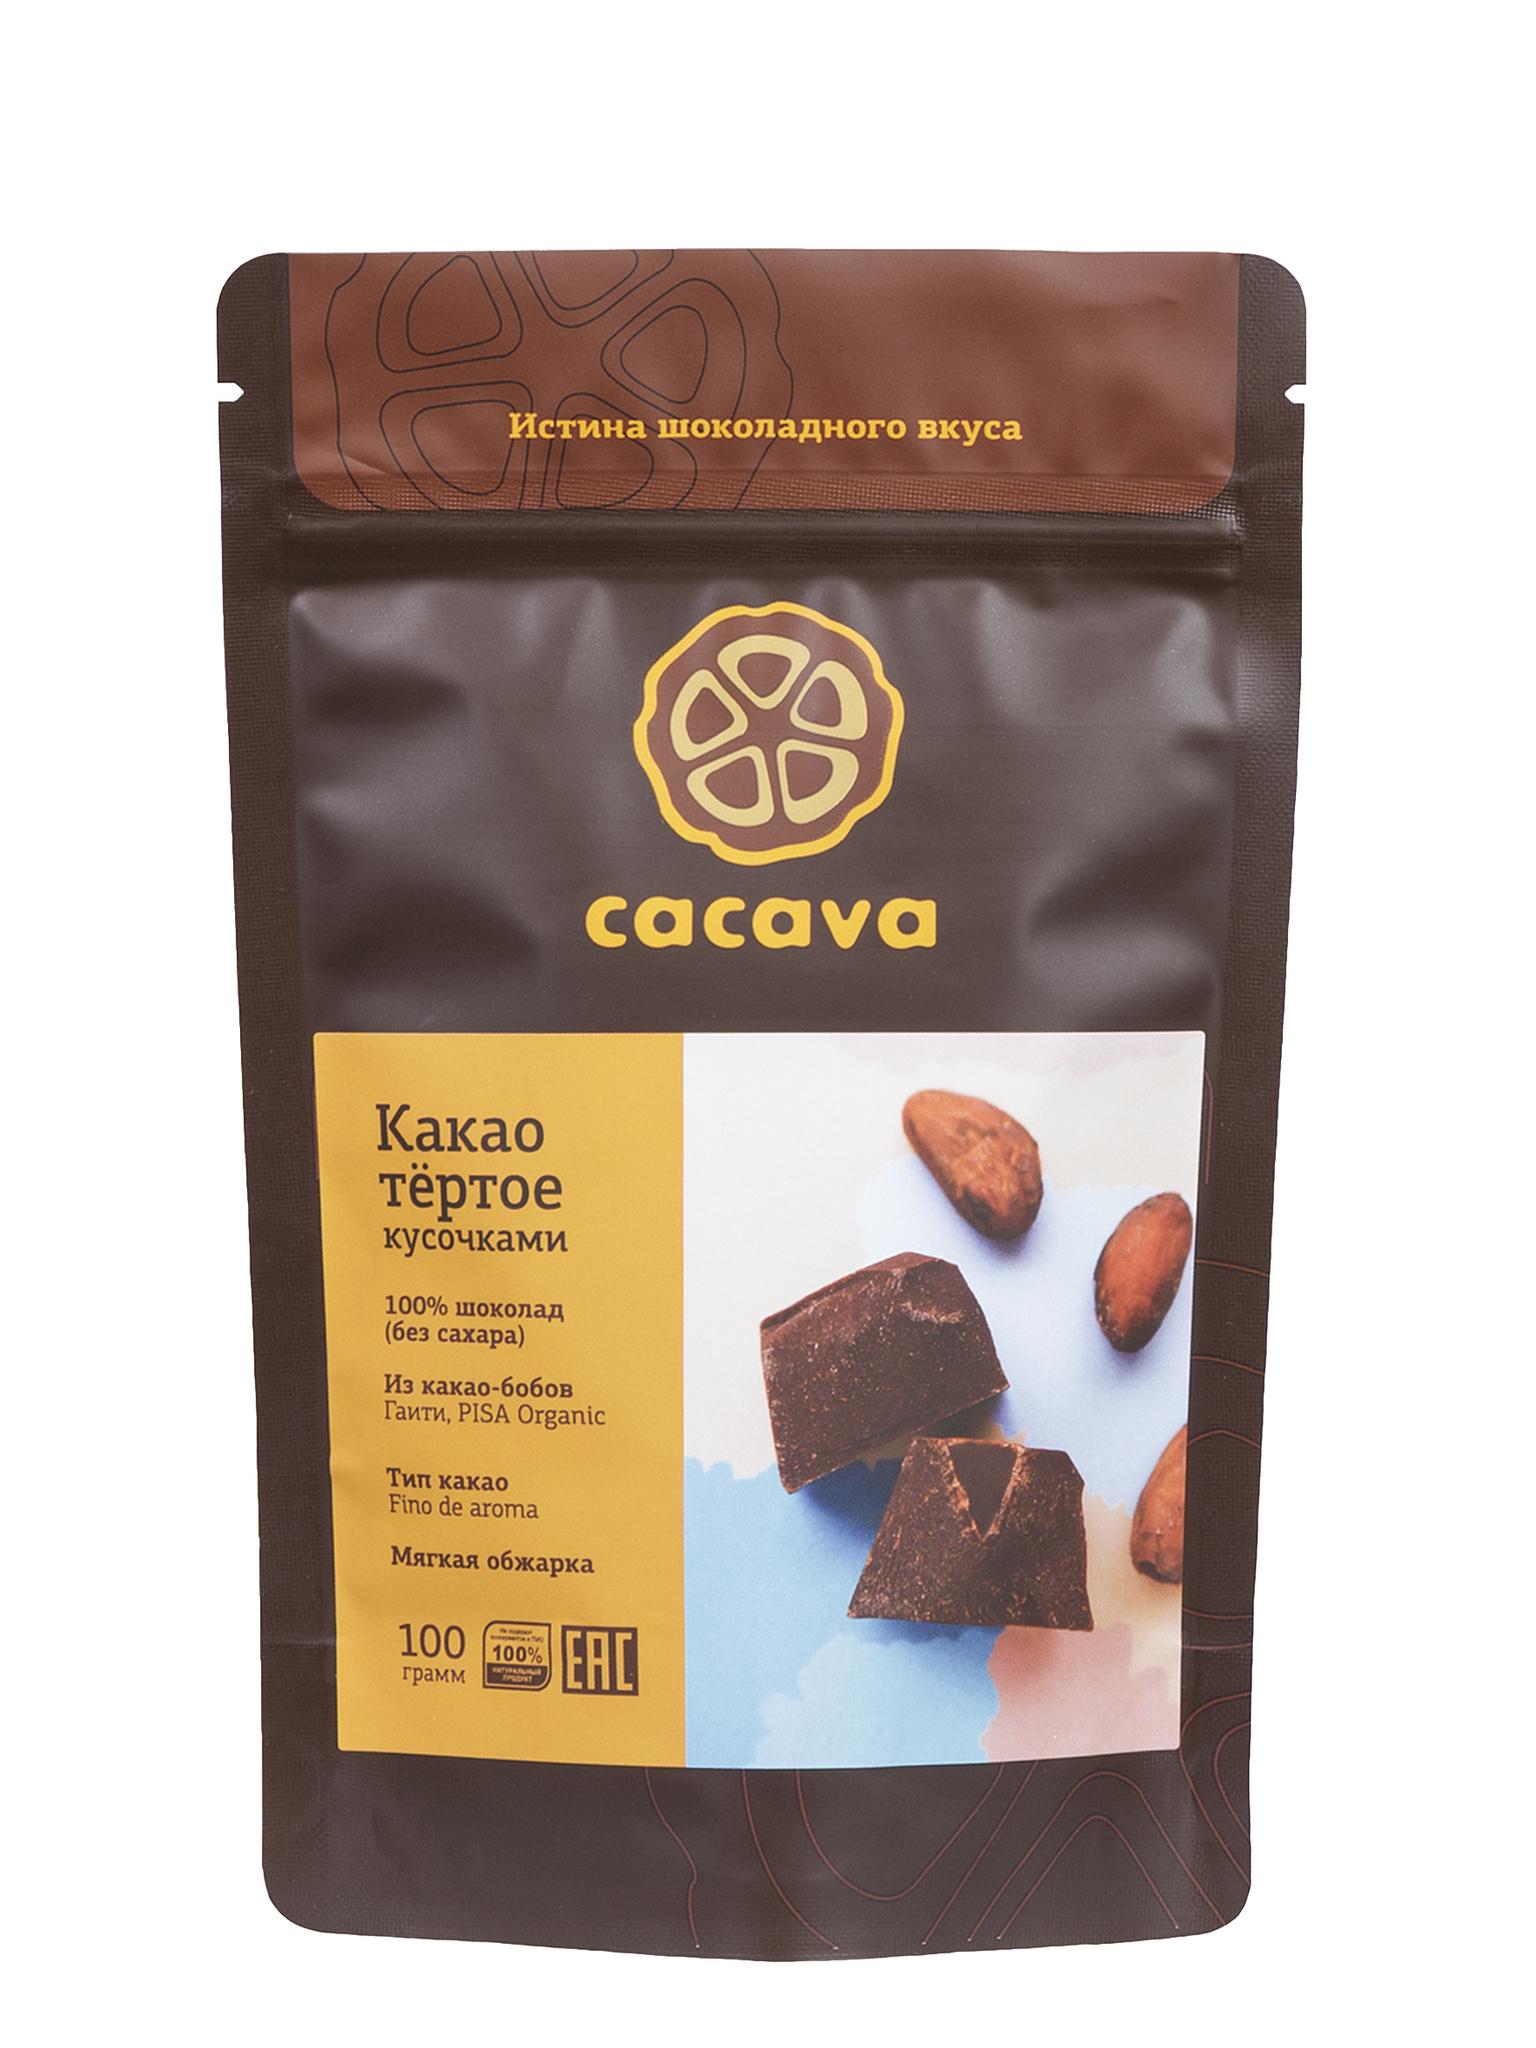 Какао тёртое кусочками (Гаити), упаковка 100 грамм